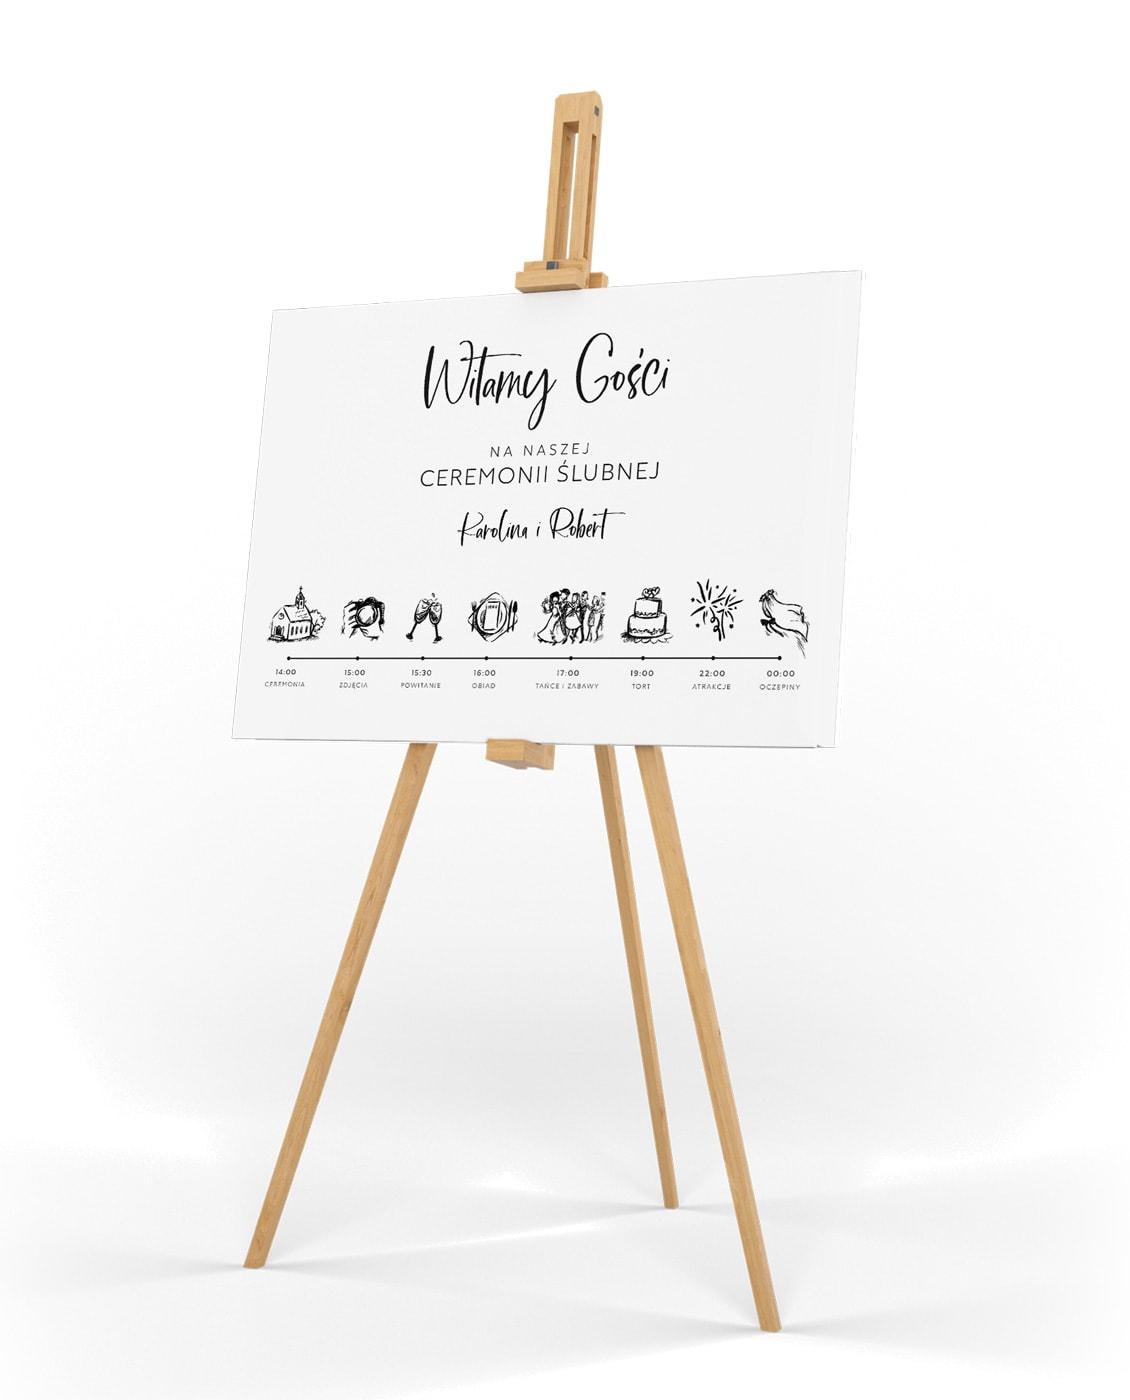 Tablica informacyjna z przebiegiem uroczystości weselnej Luxury